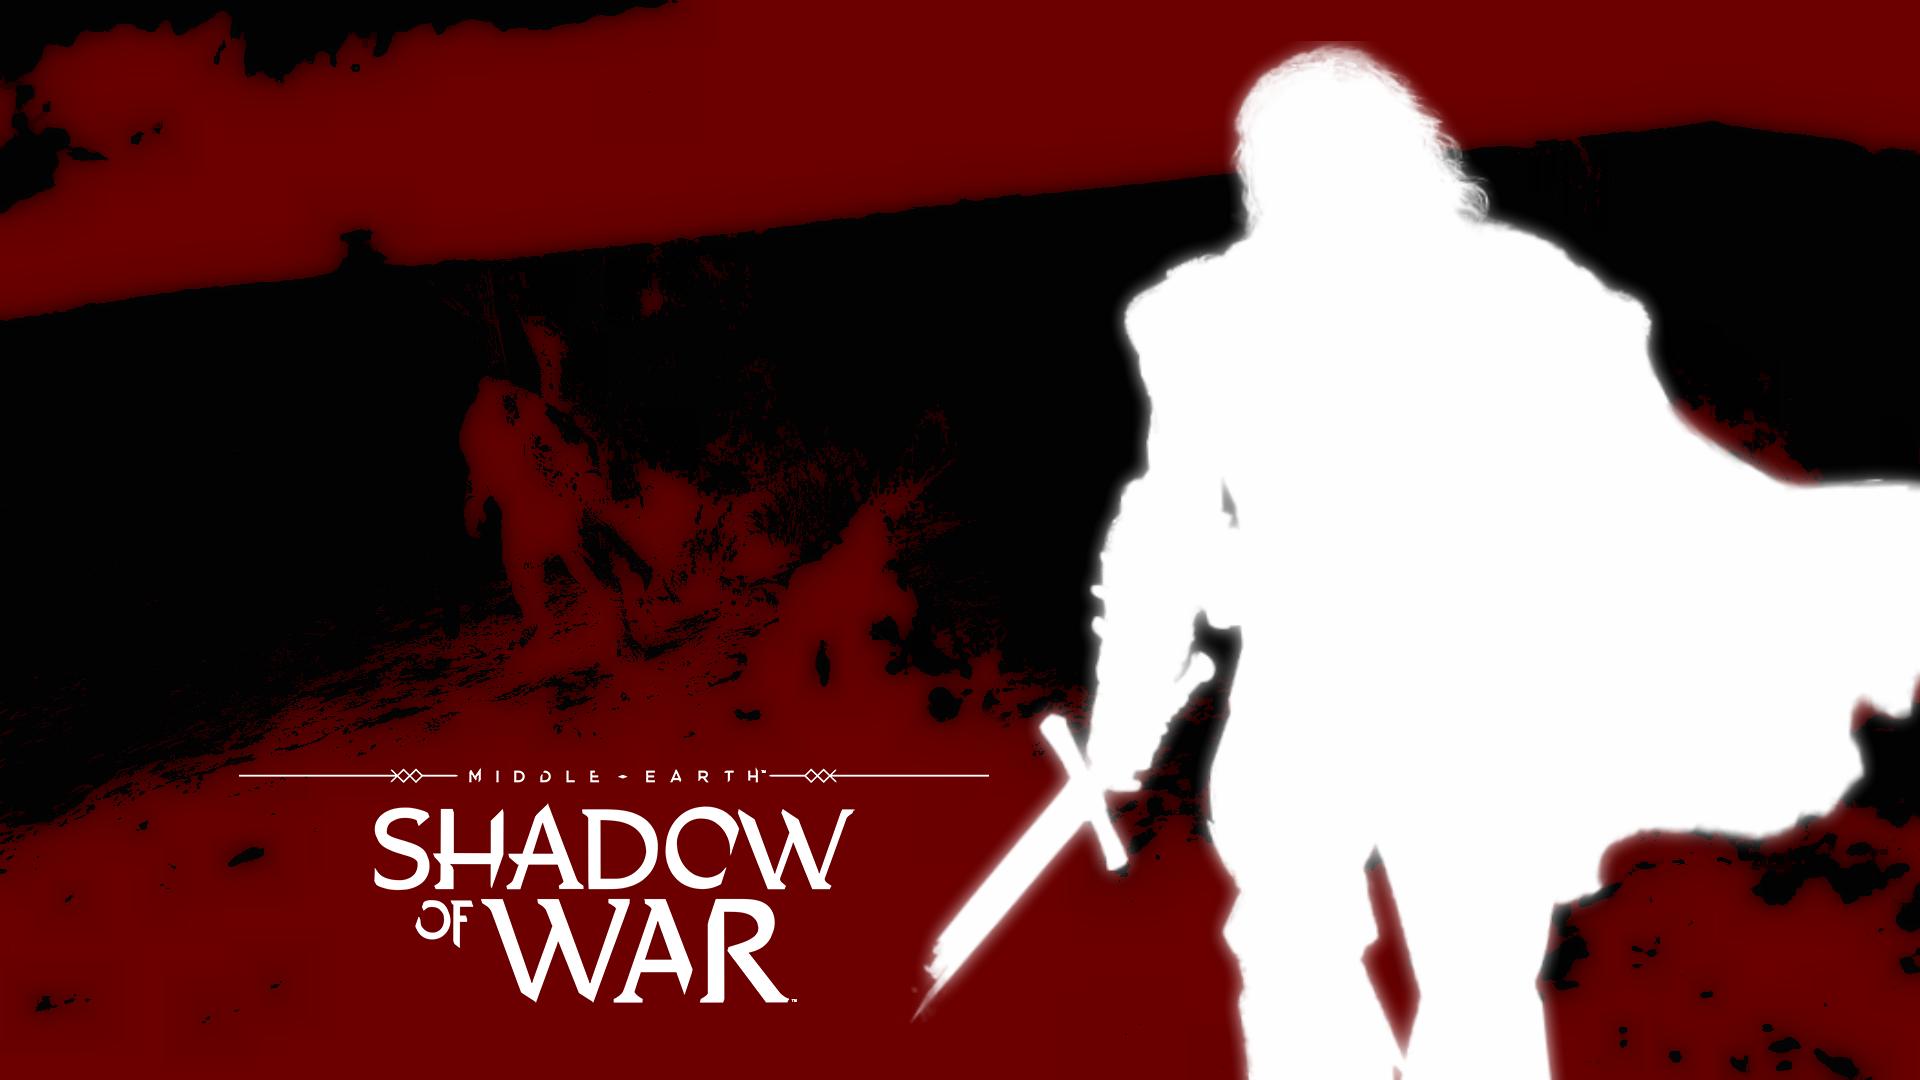 Middle Earth Shadow Of War Wallpapers! Enjoy! Feedback